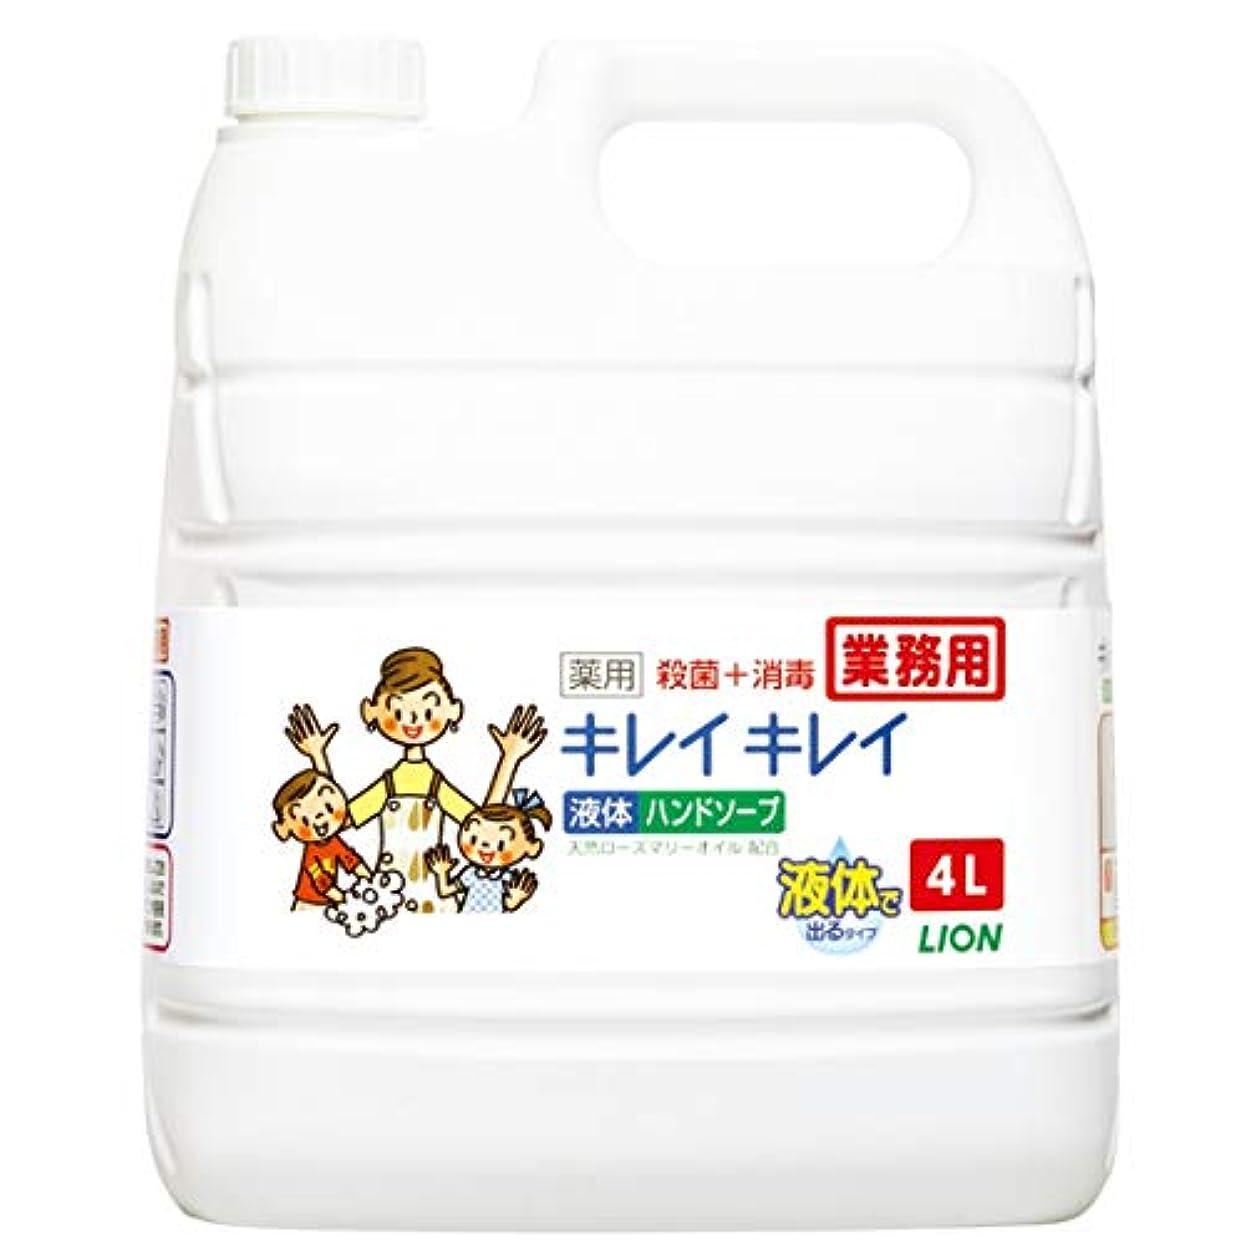 ブラケットシエスタその間【業務用 大容量】キレイキレイ 薬用 ハンドソープ  4L(医薬部外品)